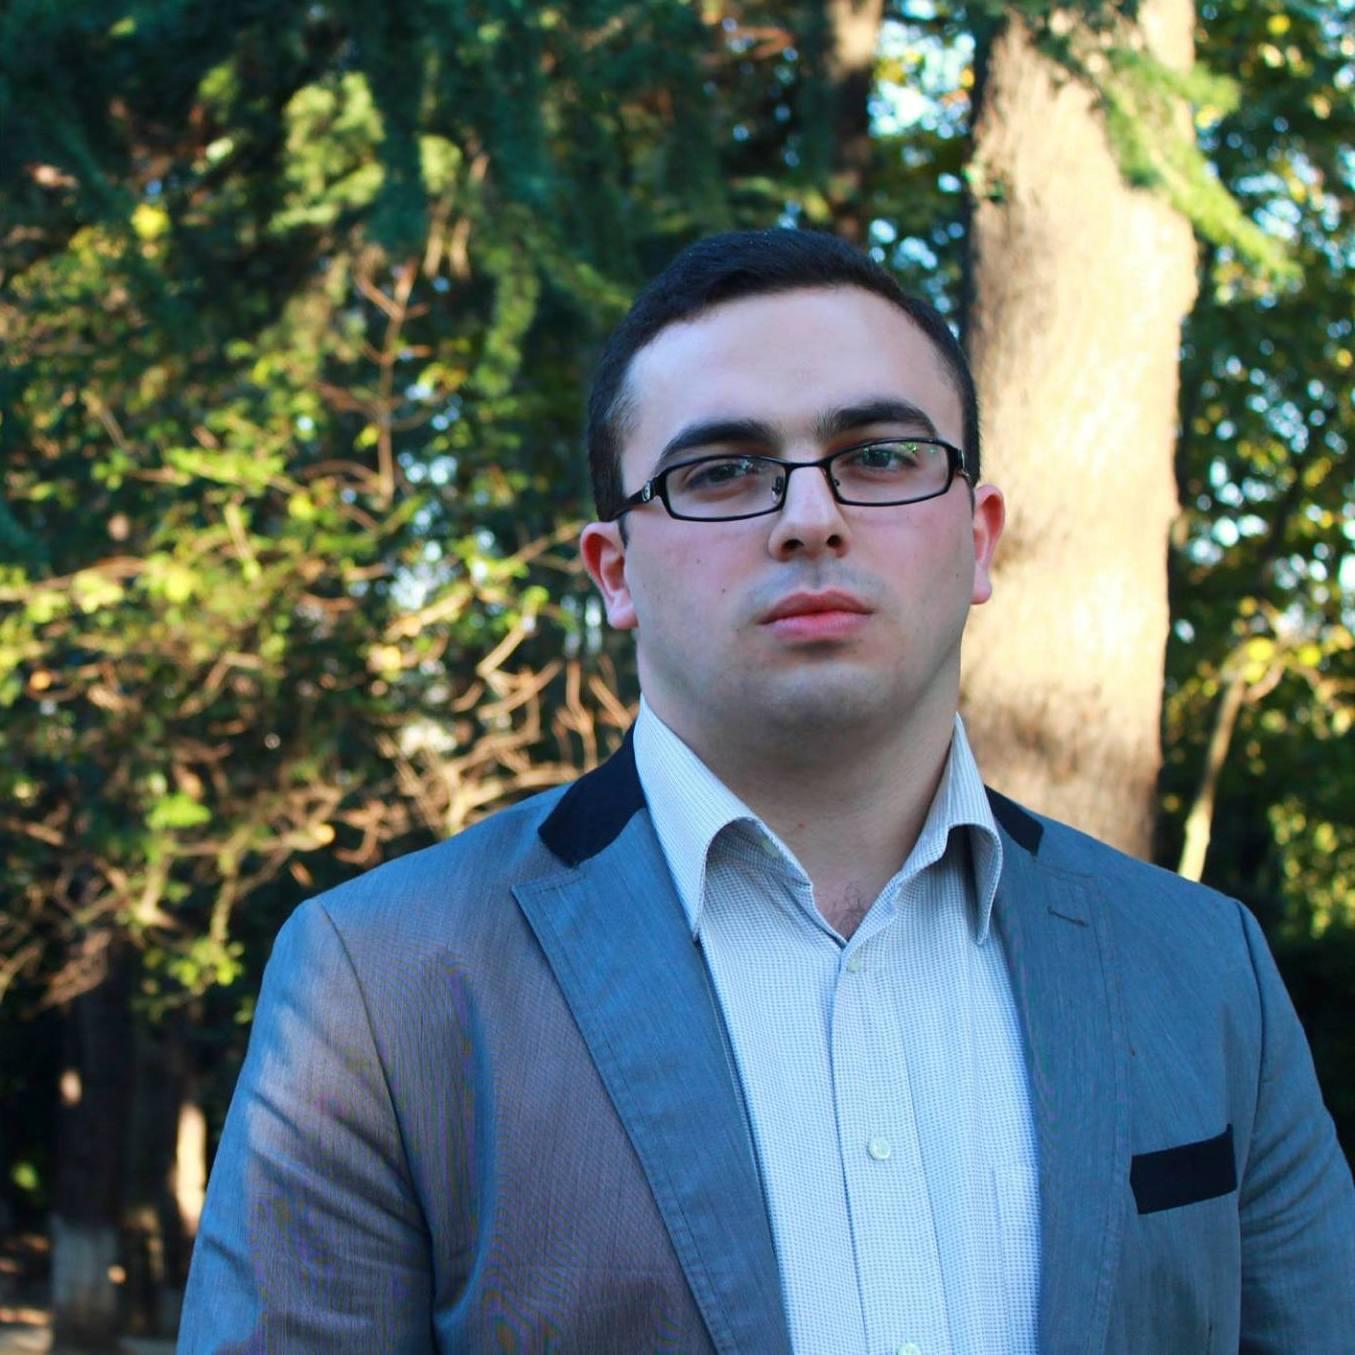 Giorgi Nadiradze